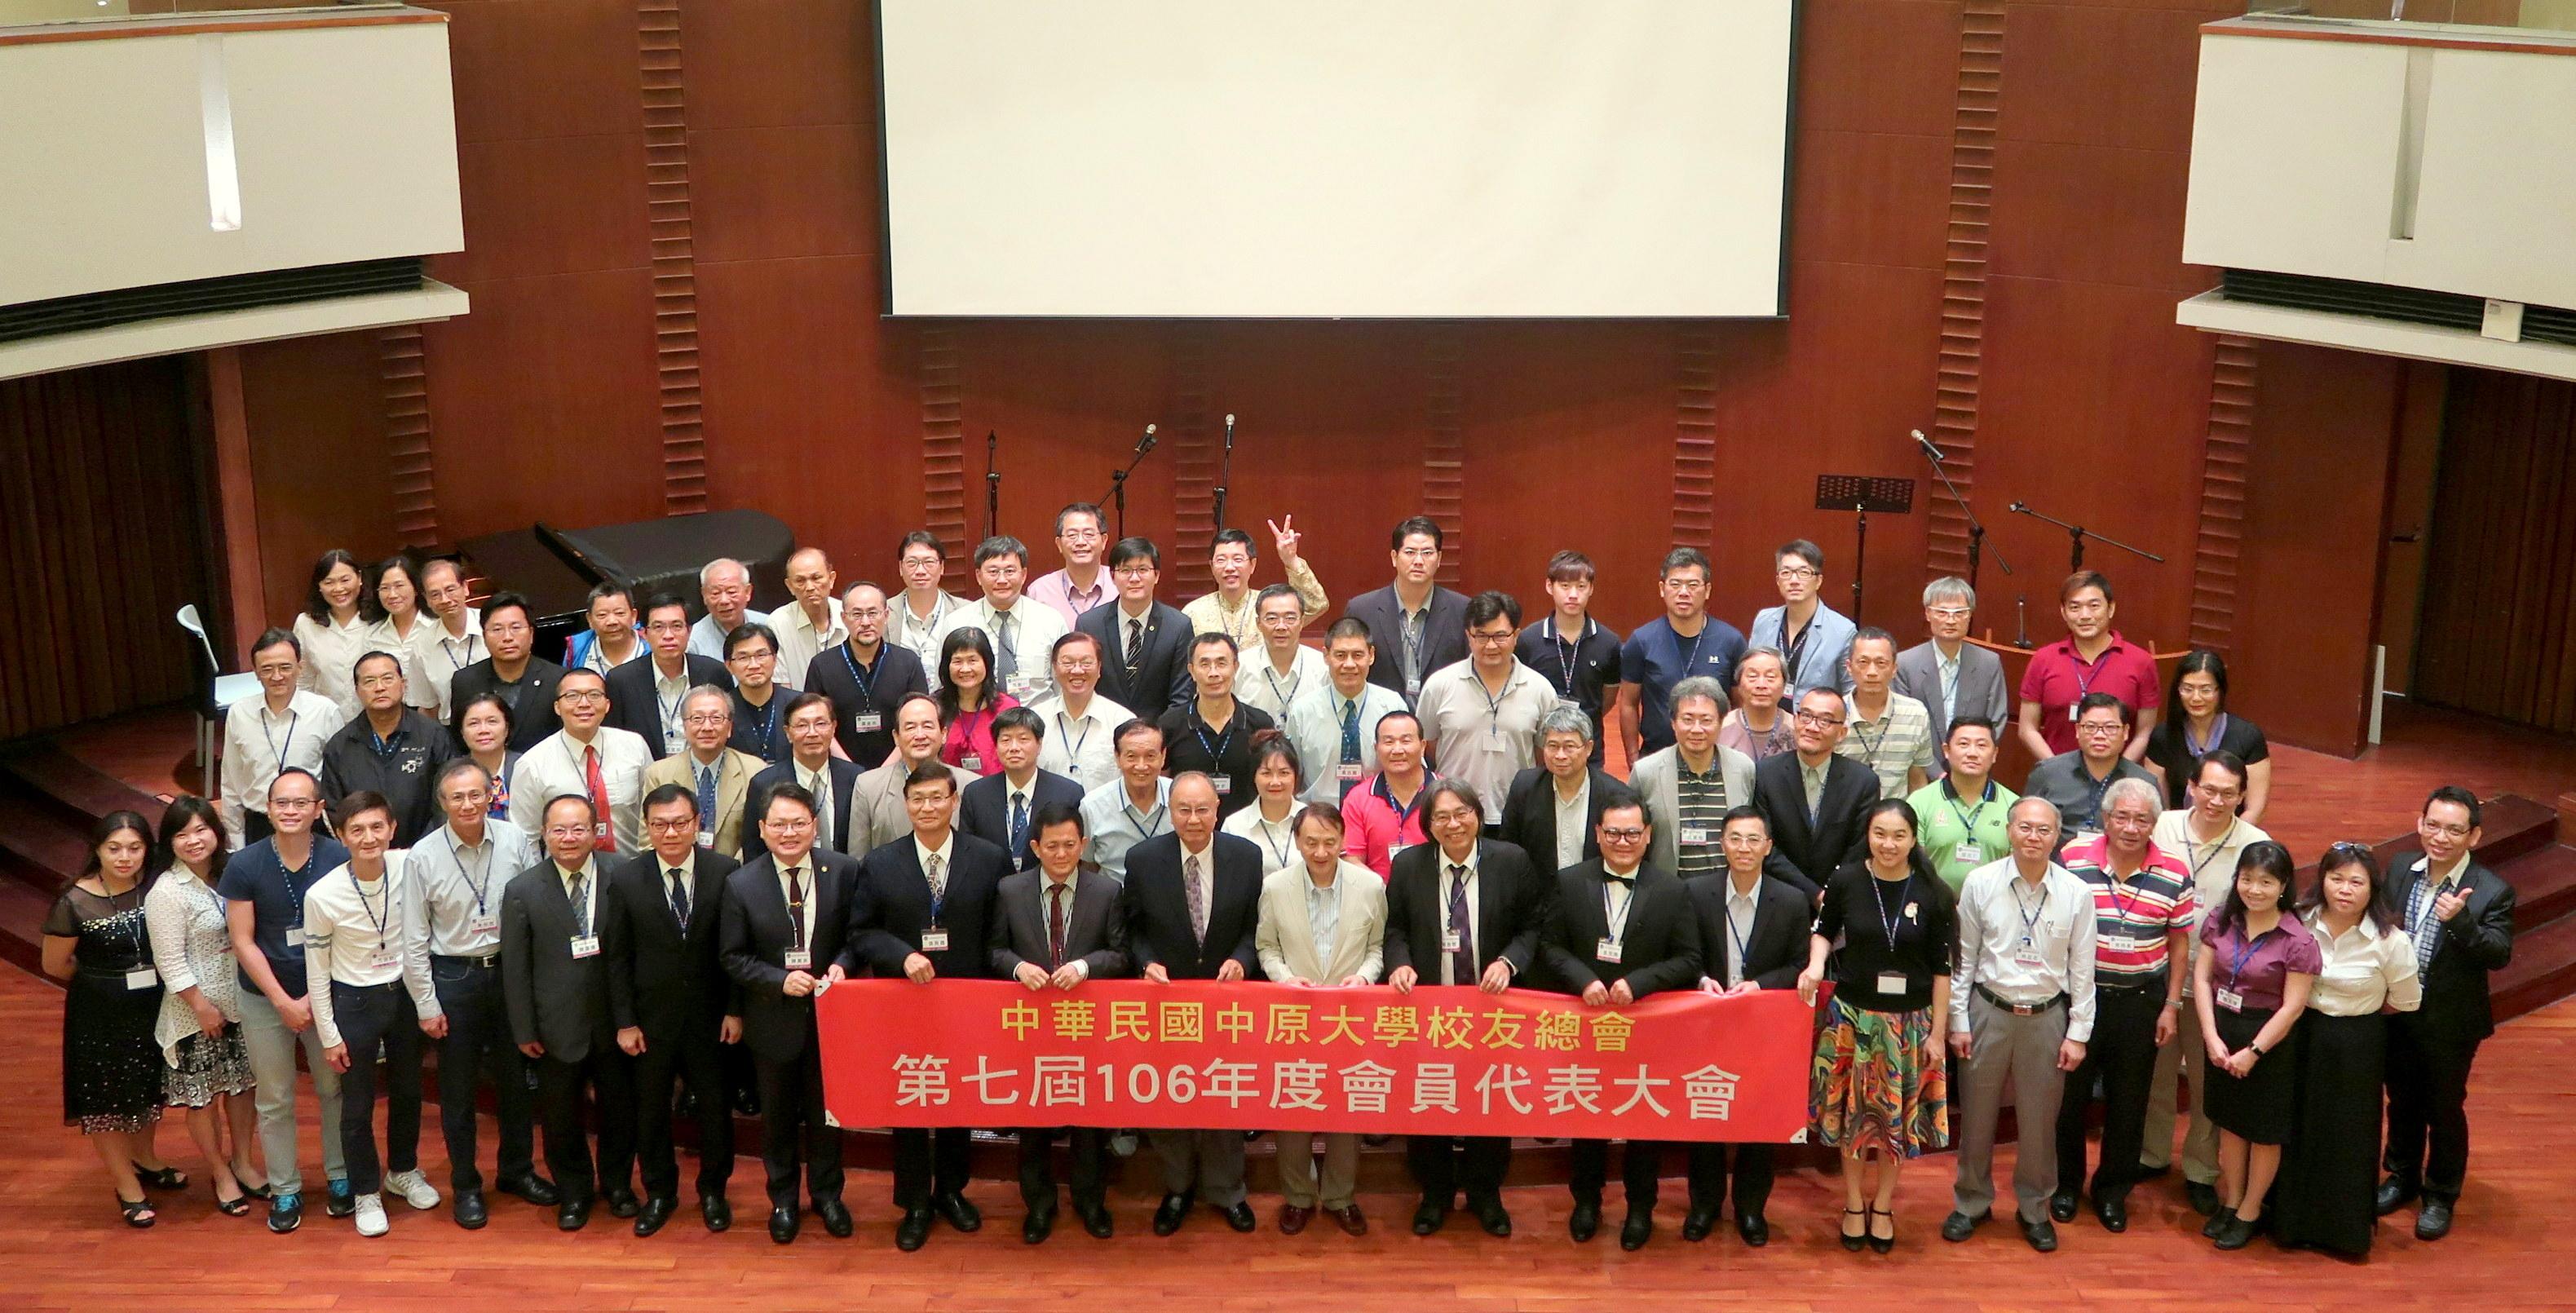 106中原大學校友總會會員代表大會  展現中原人濃厚情誼